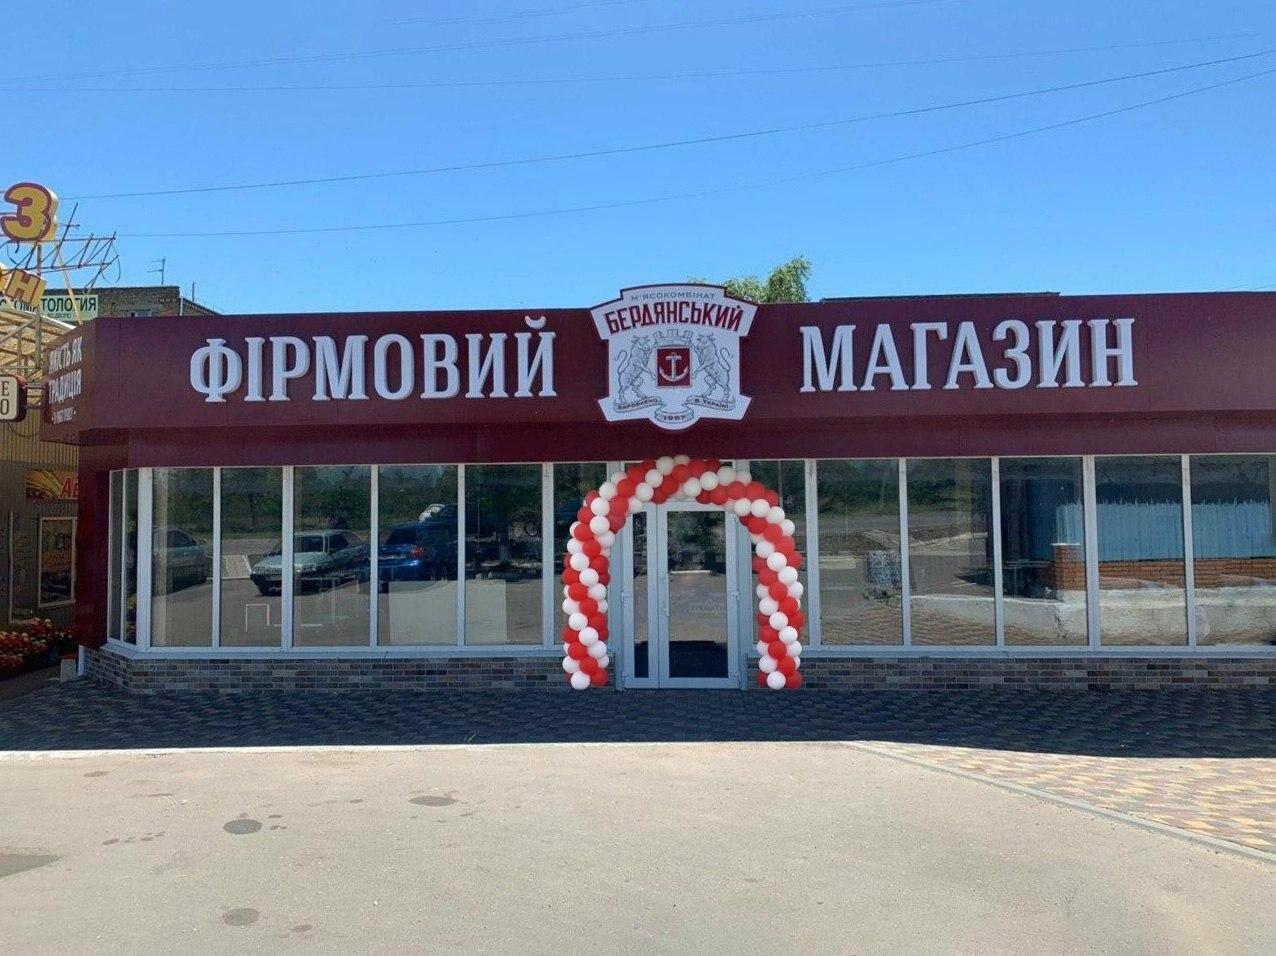 В Бердянске на АКЗ пройдет открытие большого фирменного магазина бердянского мясокомбината, фото-7